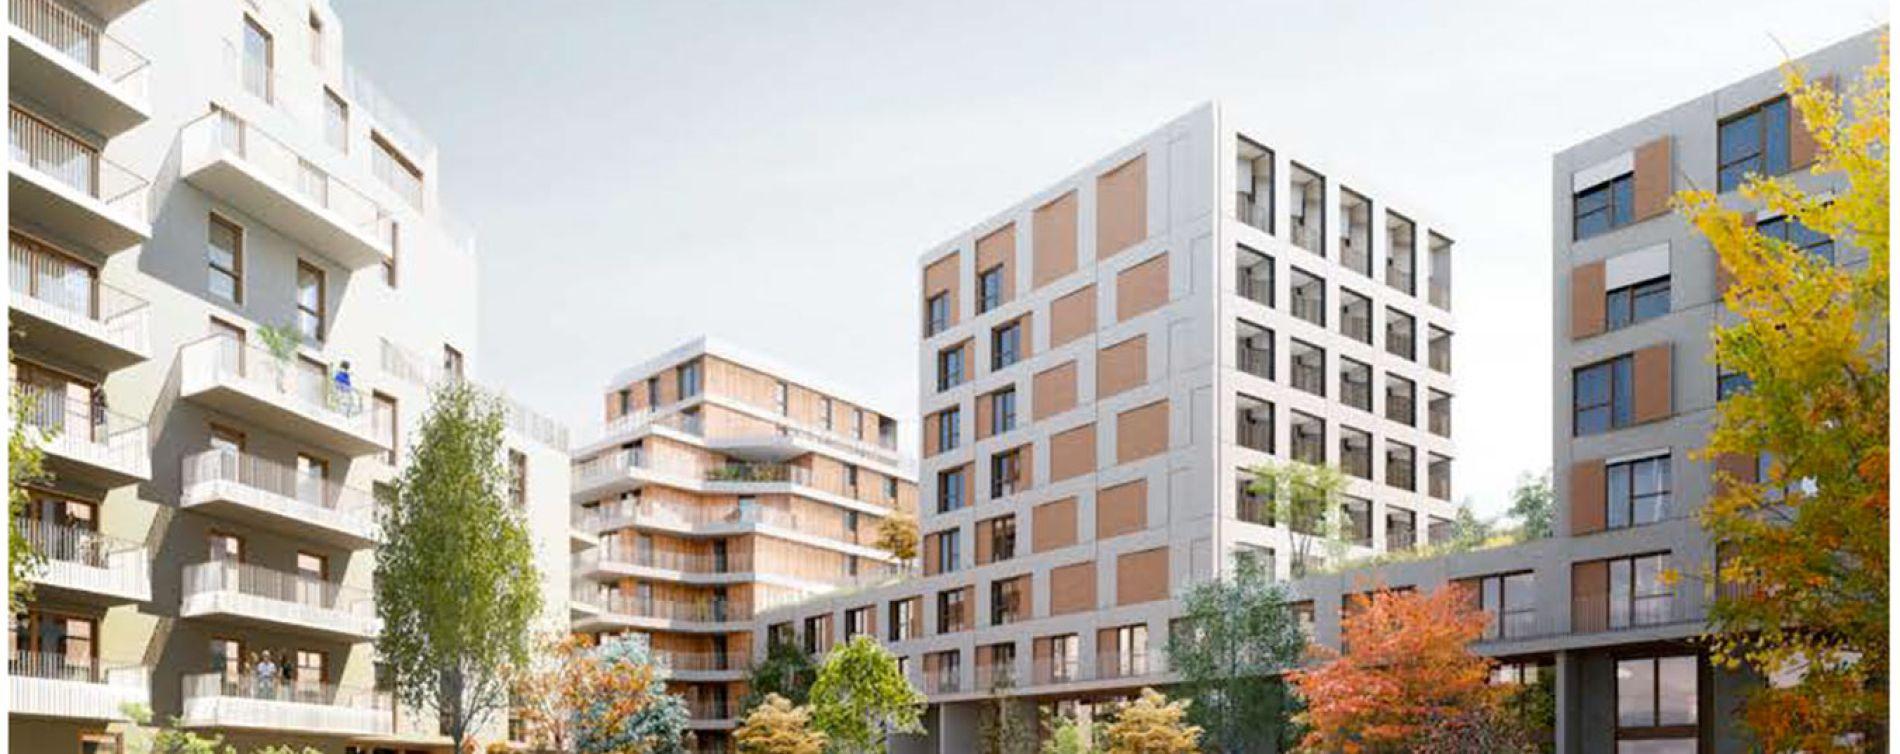 Résidence Campus Victoria à Chevilly-Larue